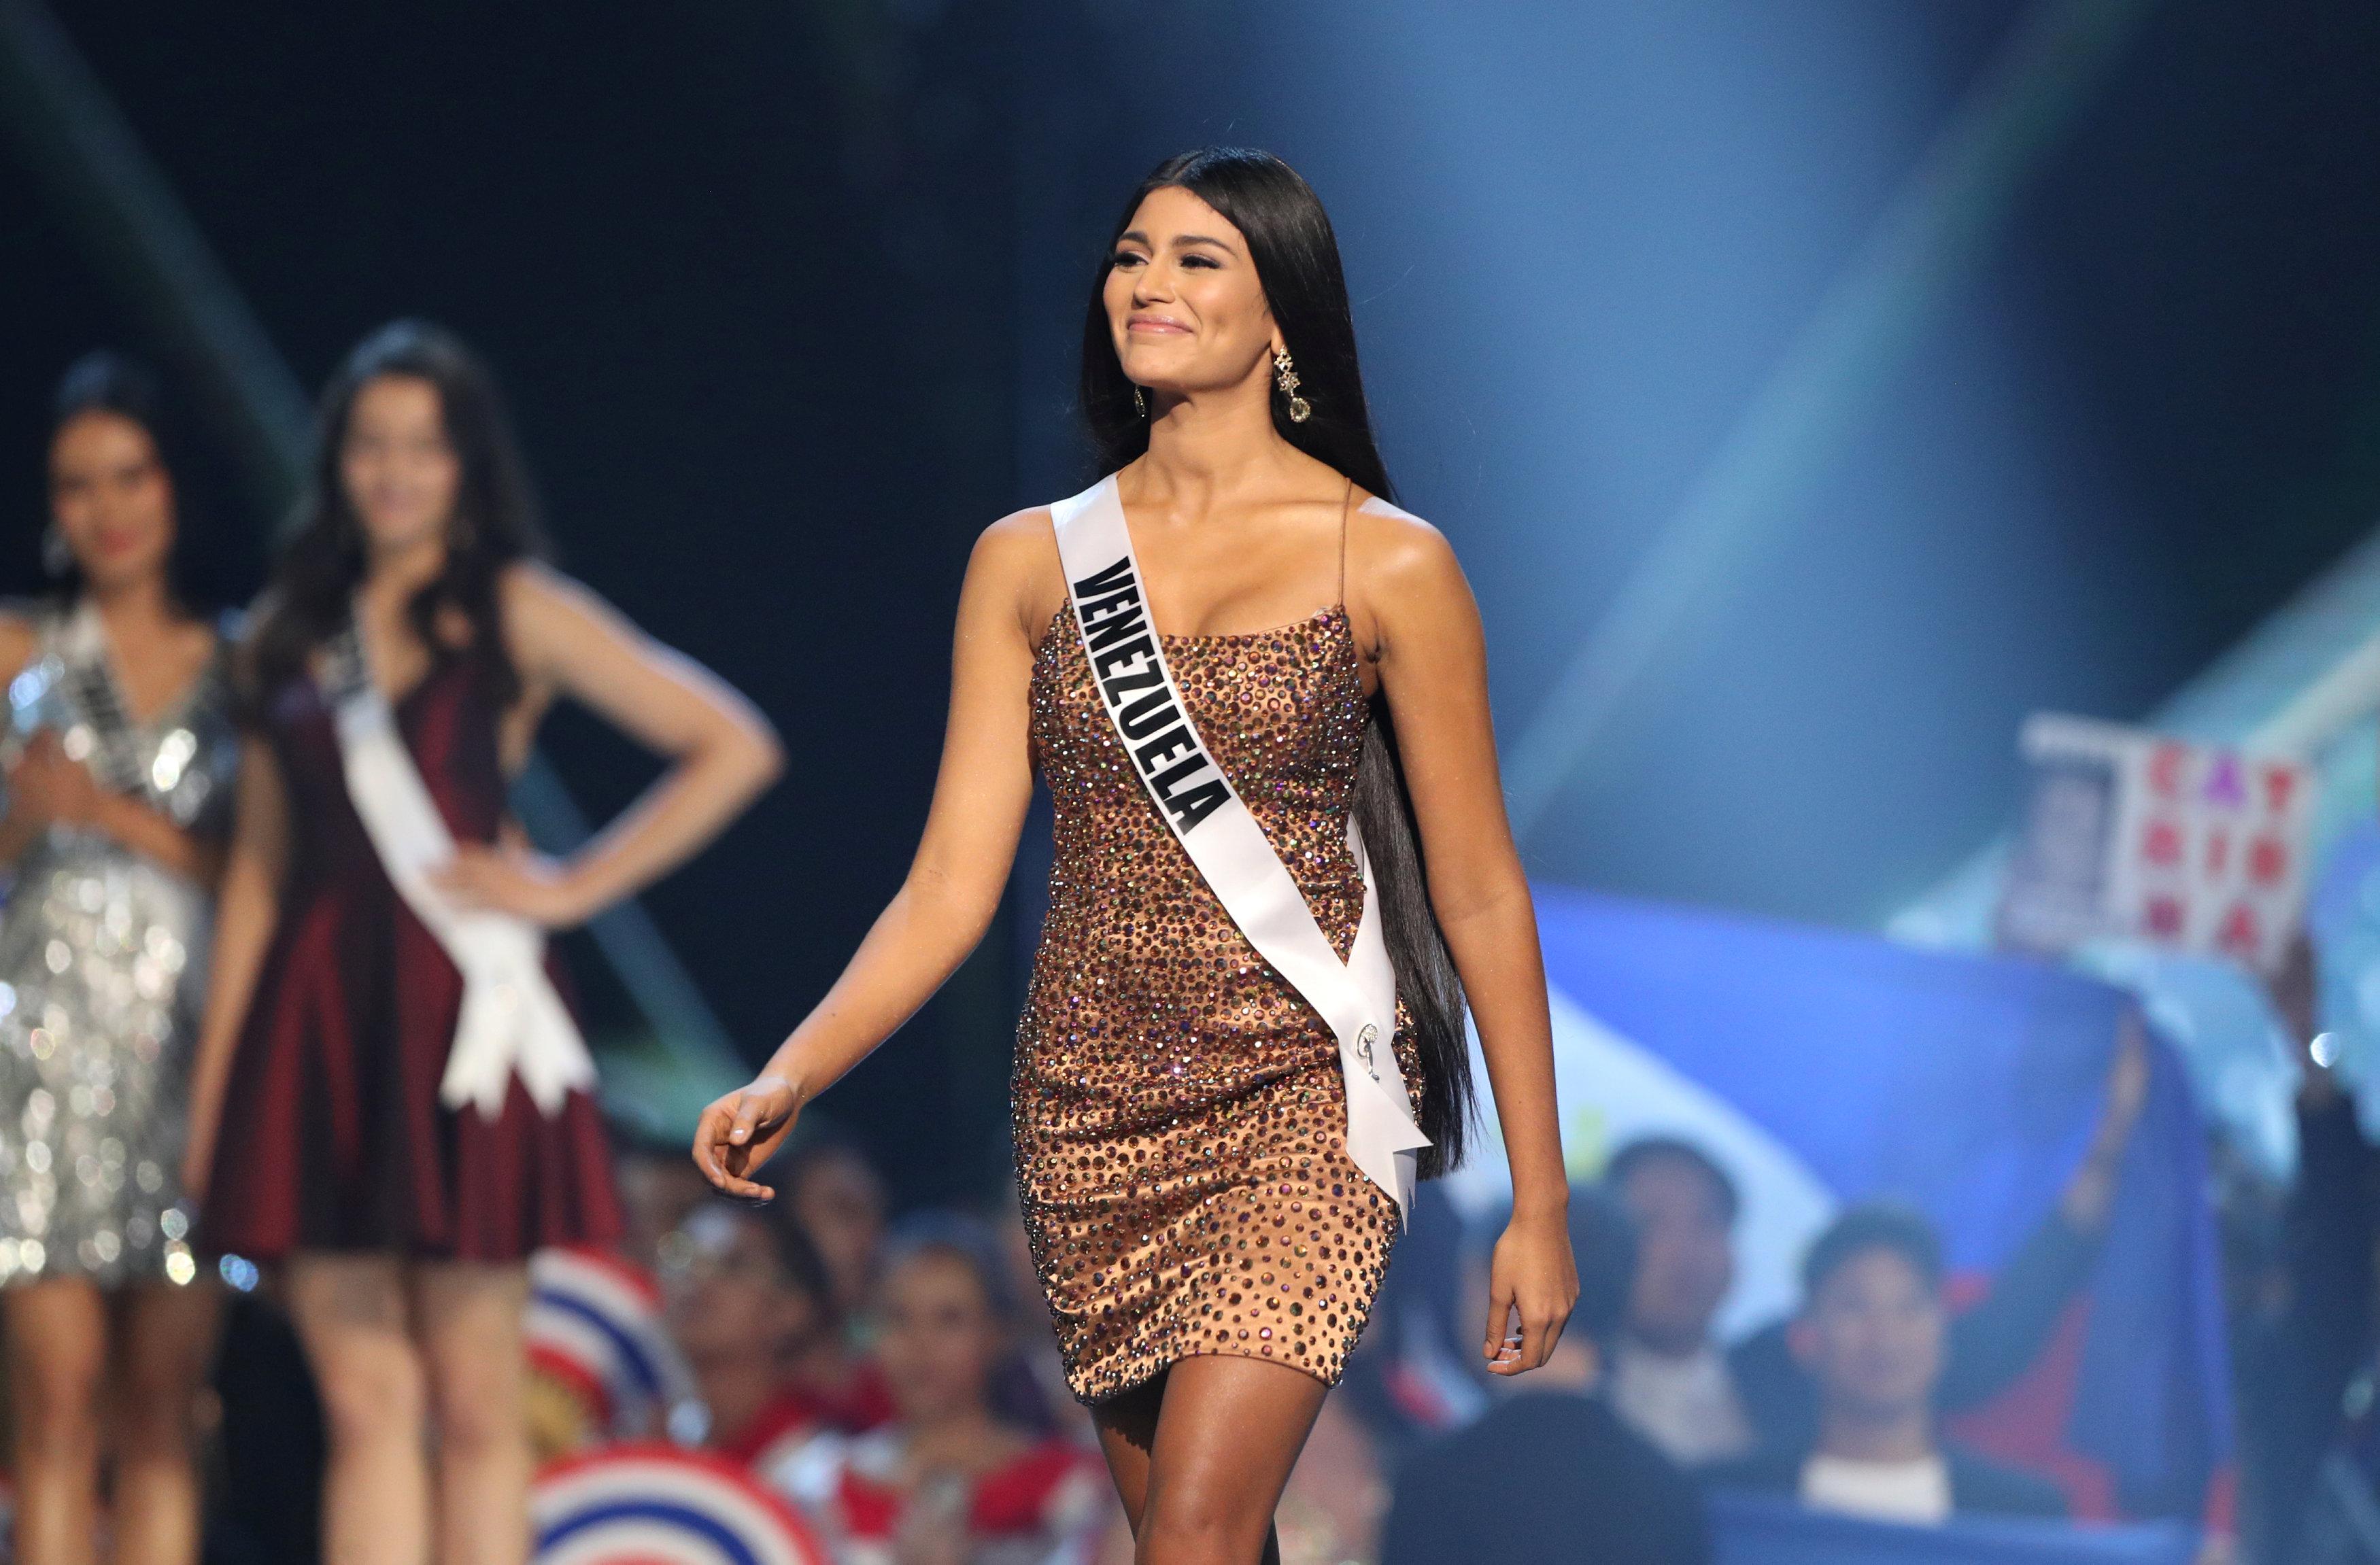 مسابقة ملكة جمال الكون من بانكوك (5)